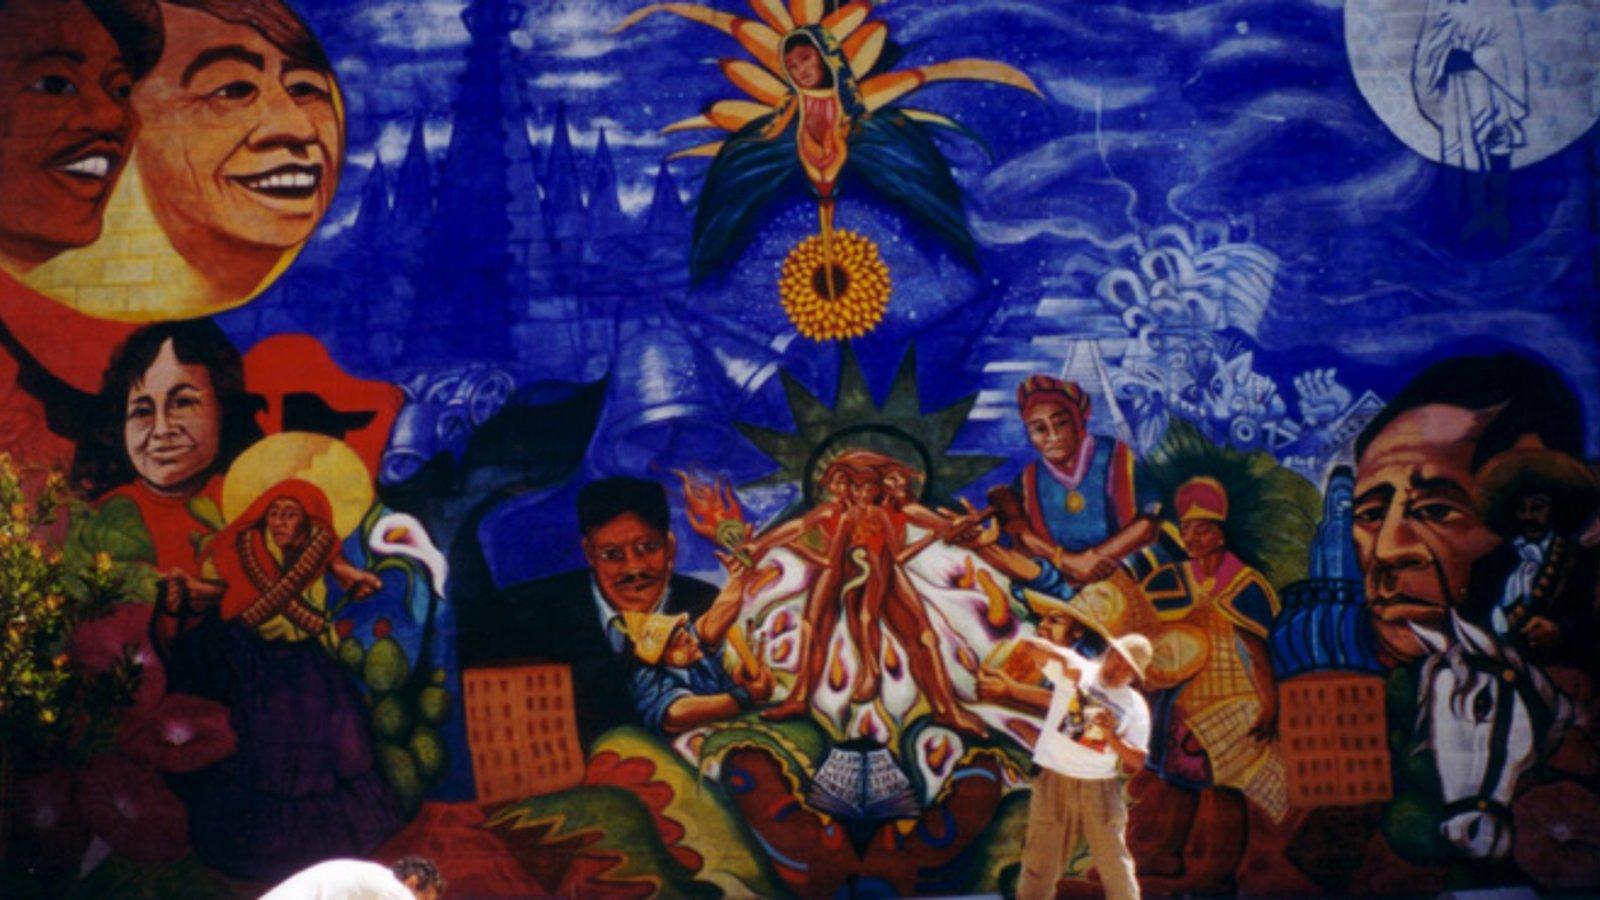 Visiones: Latino Art & Culture - Episode 5